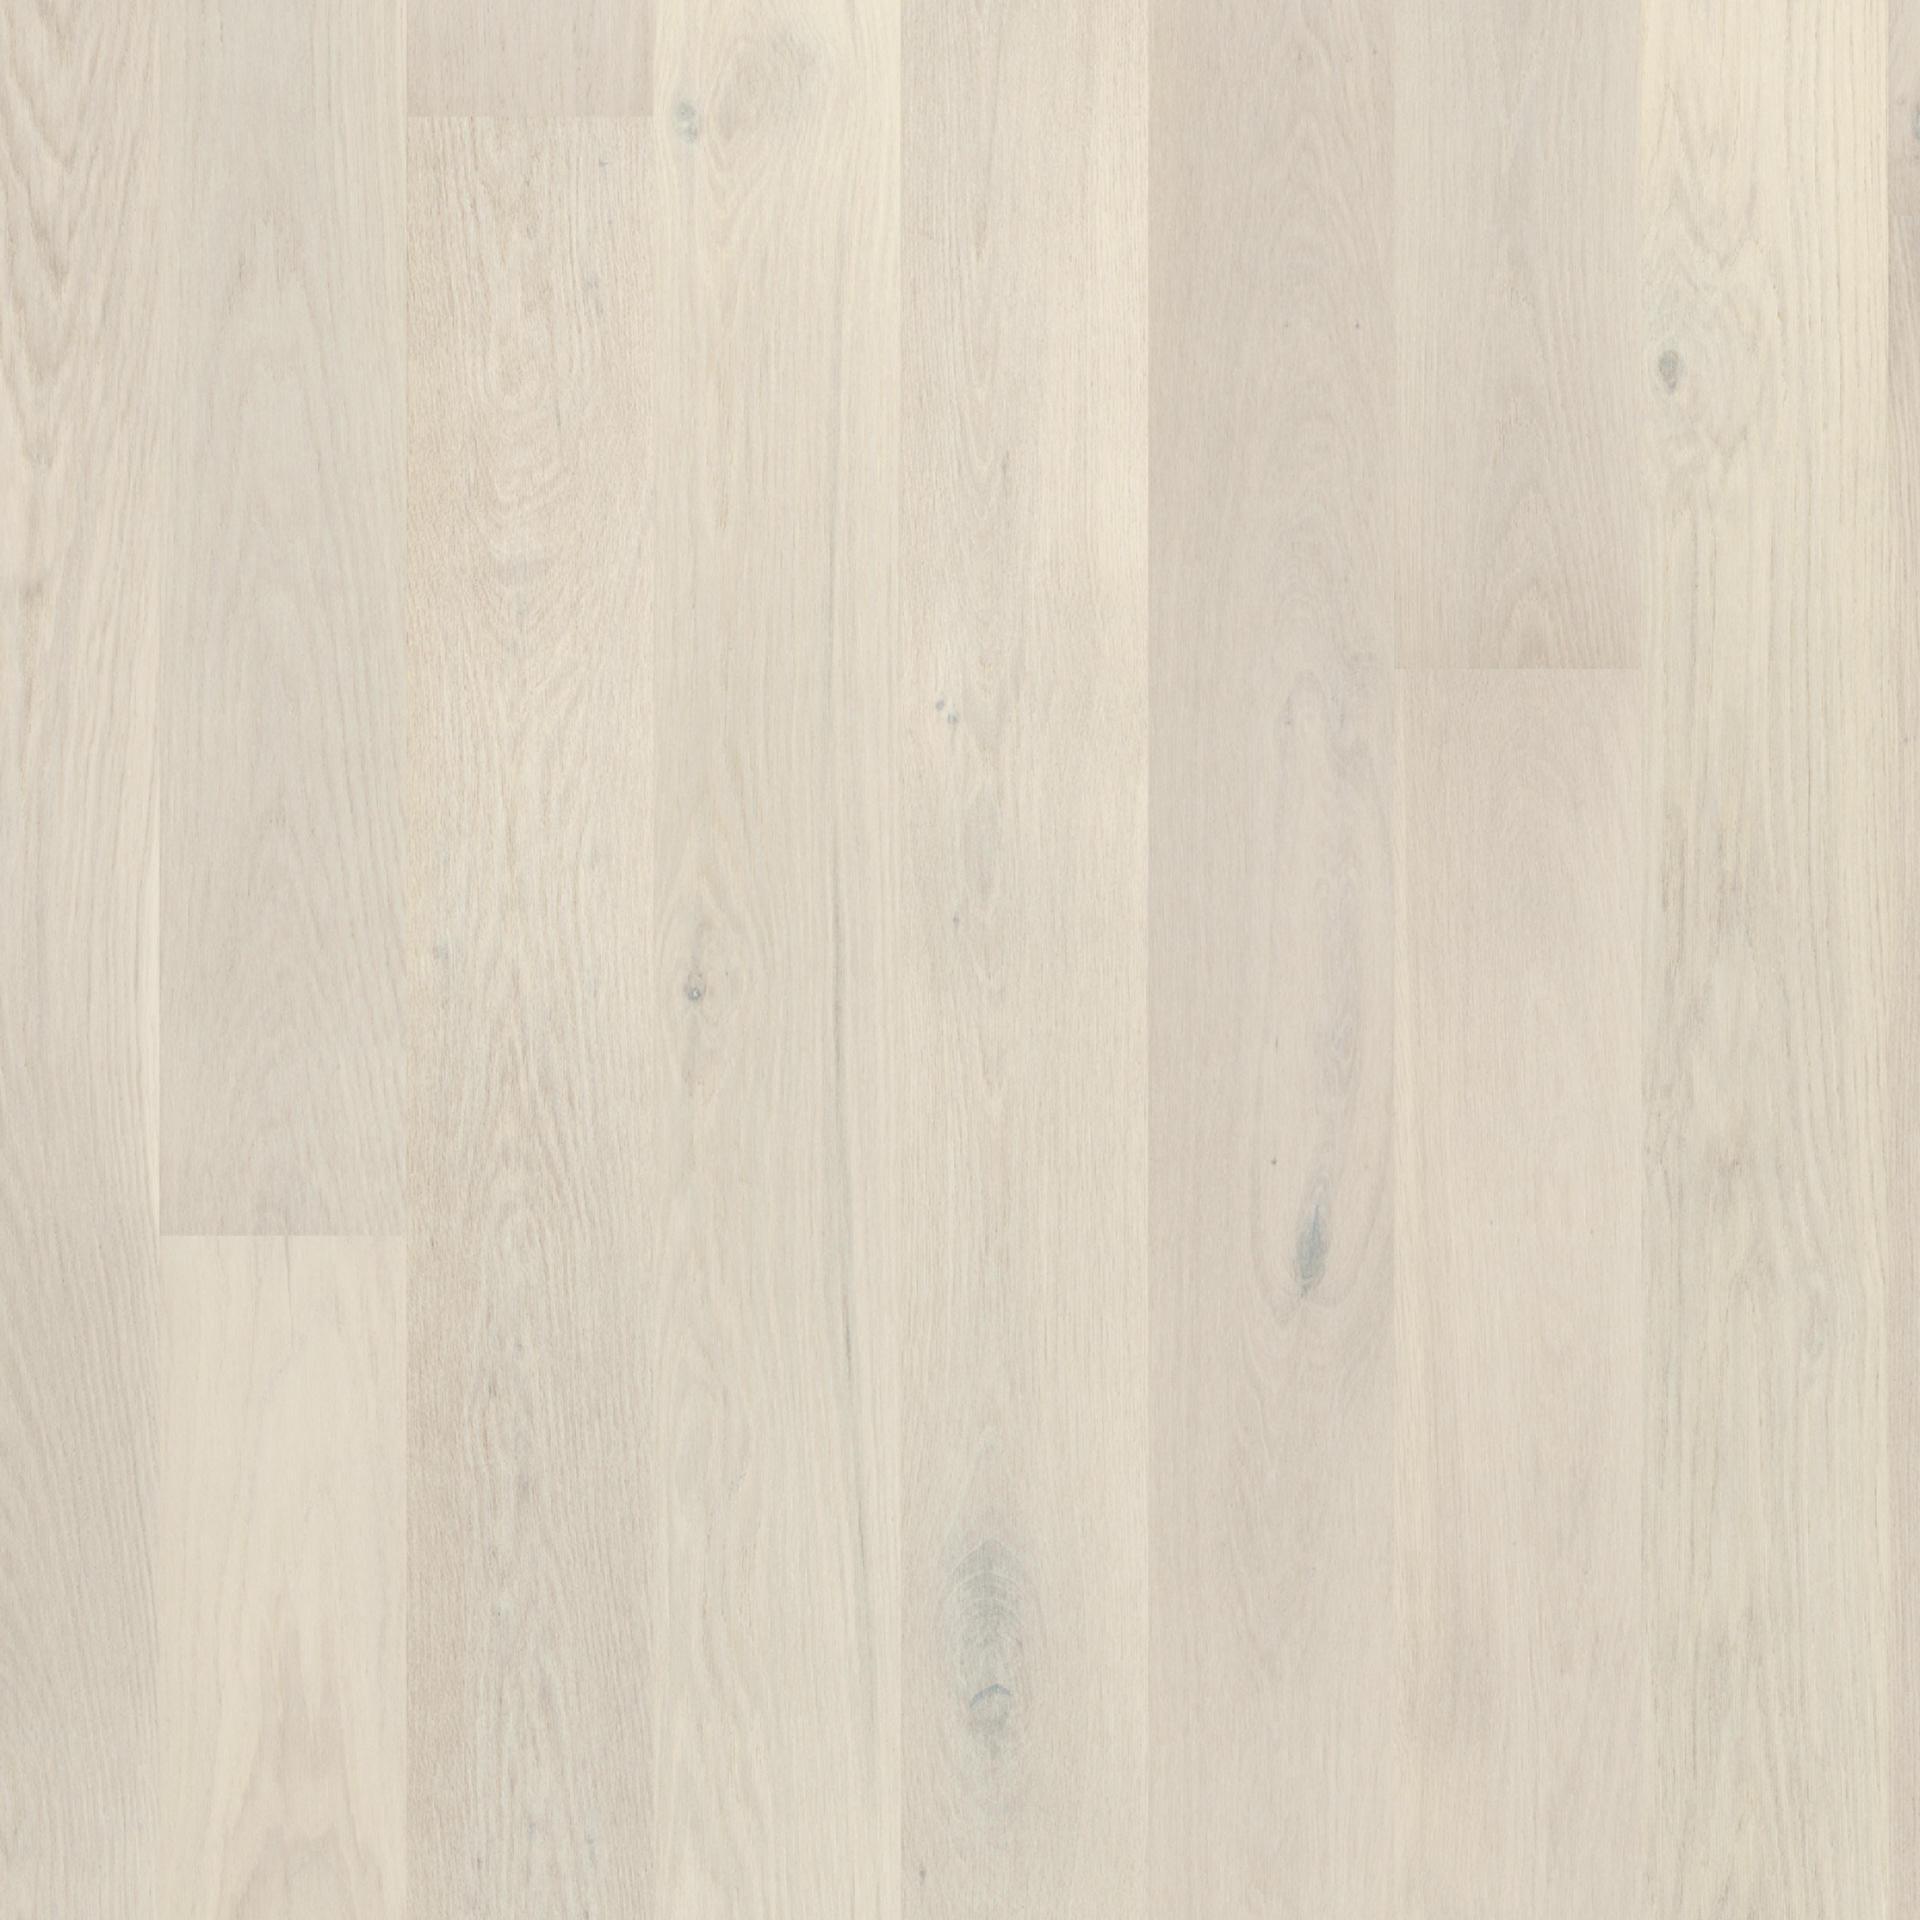 Trägolv Tarkett Shade Oak Snow Flake Plank